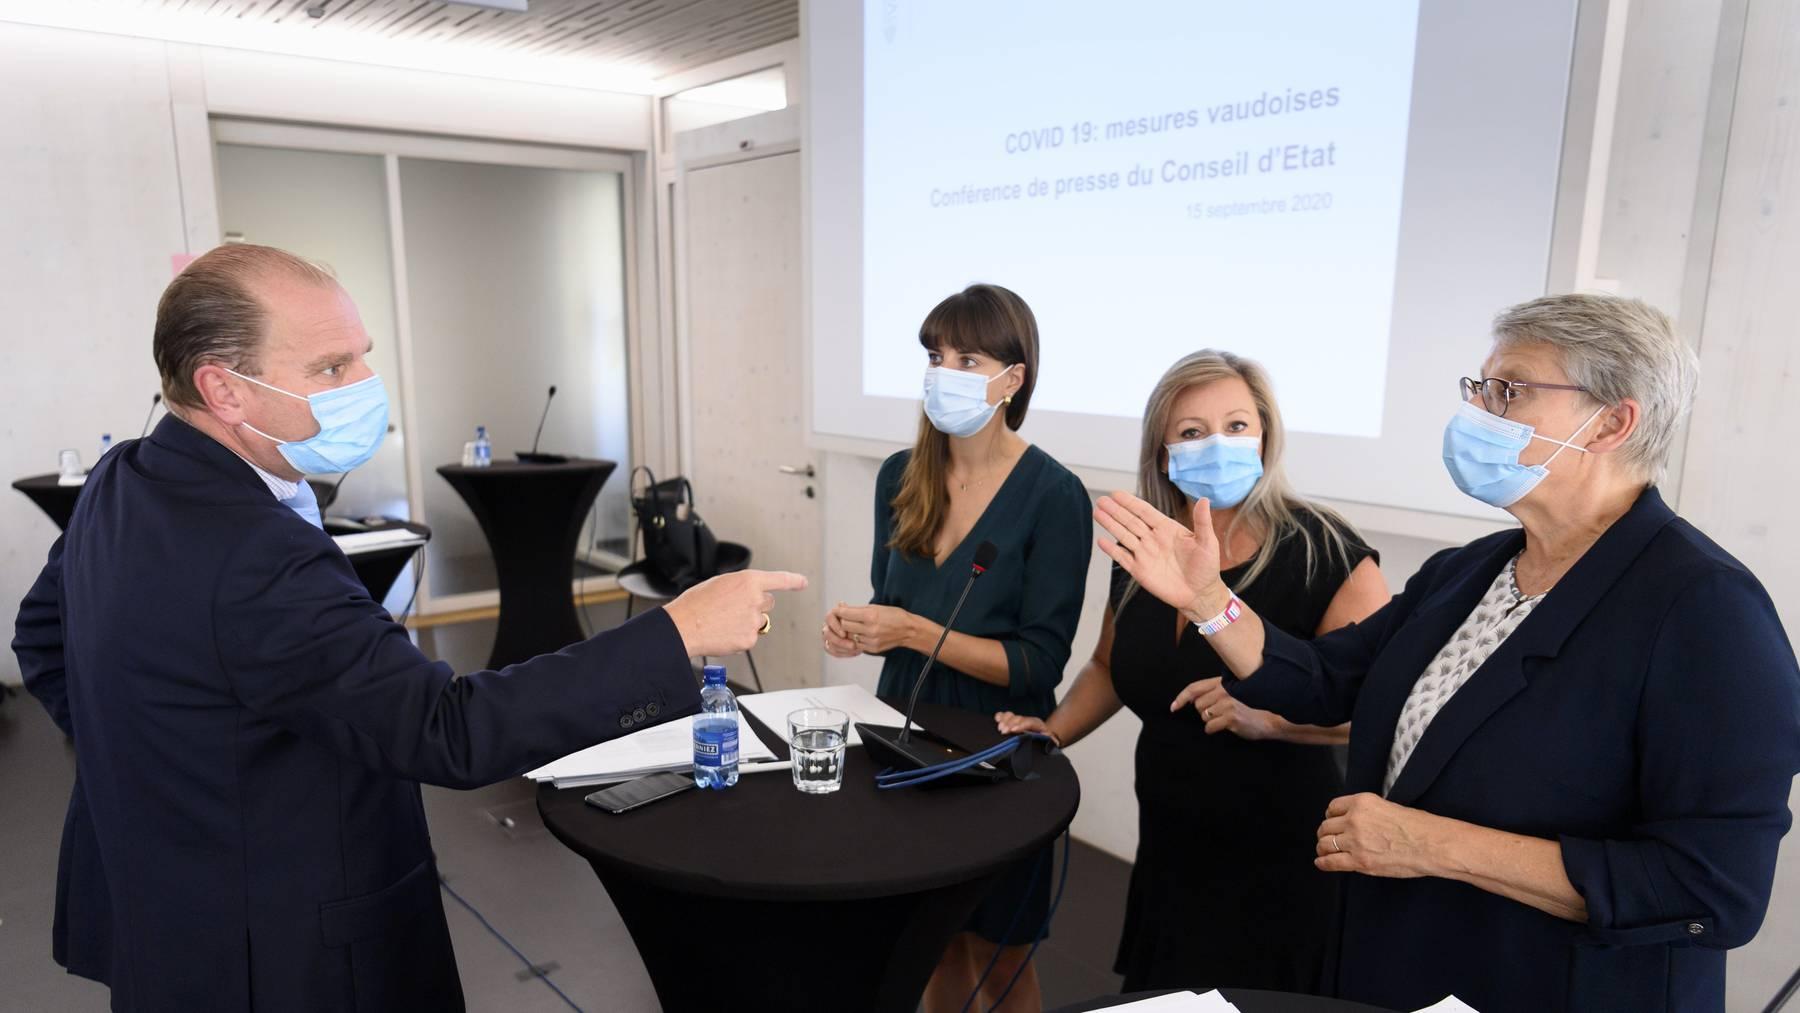 Die Waadtländer Staatsräte (von links nach rechts) Philippe Leuba, Rebecca Ruiz, Nuria Gorrite und Beatrice Metraux vor Medien in Lausanne.